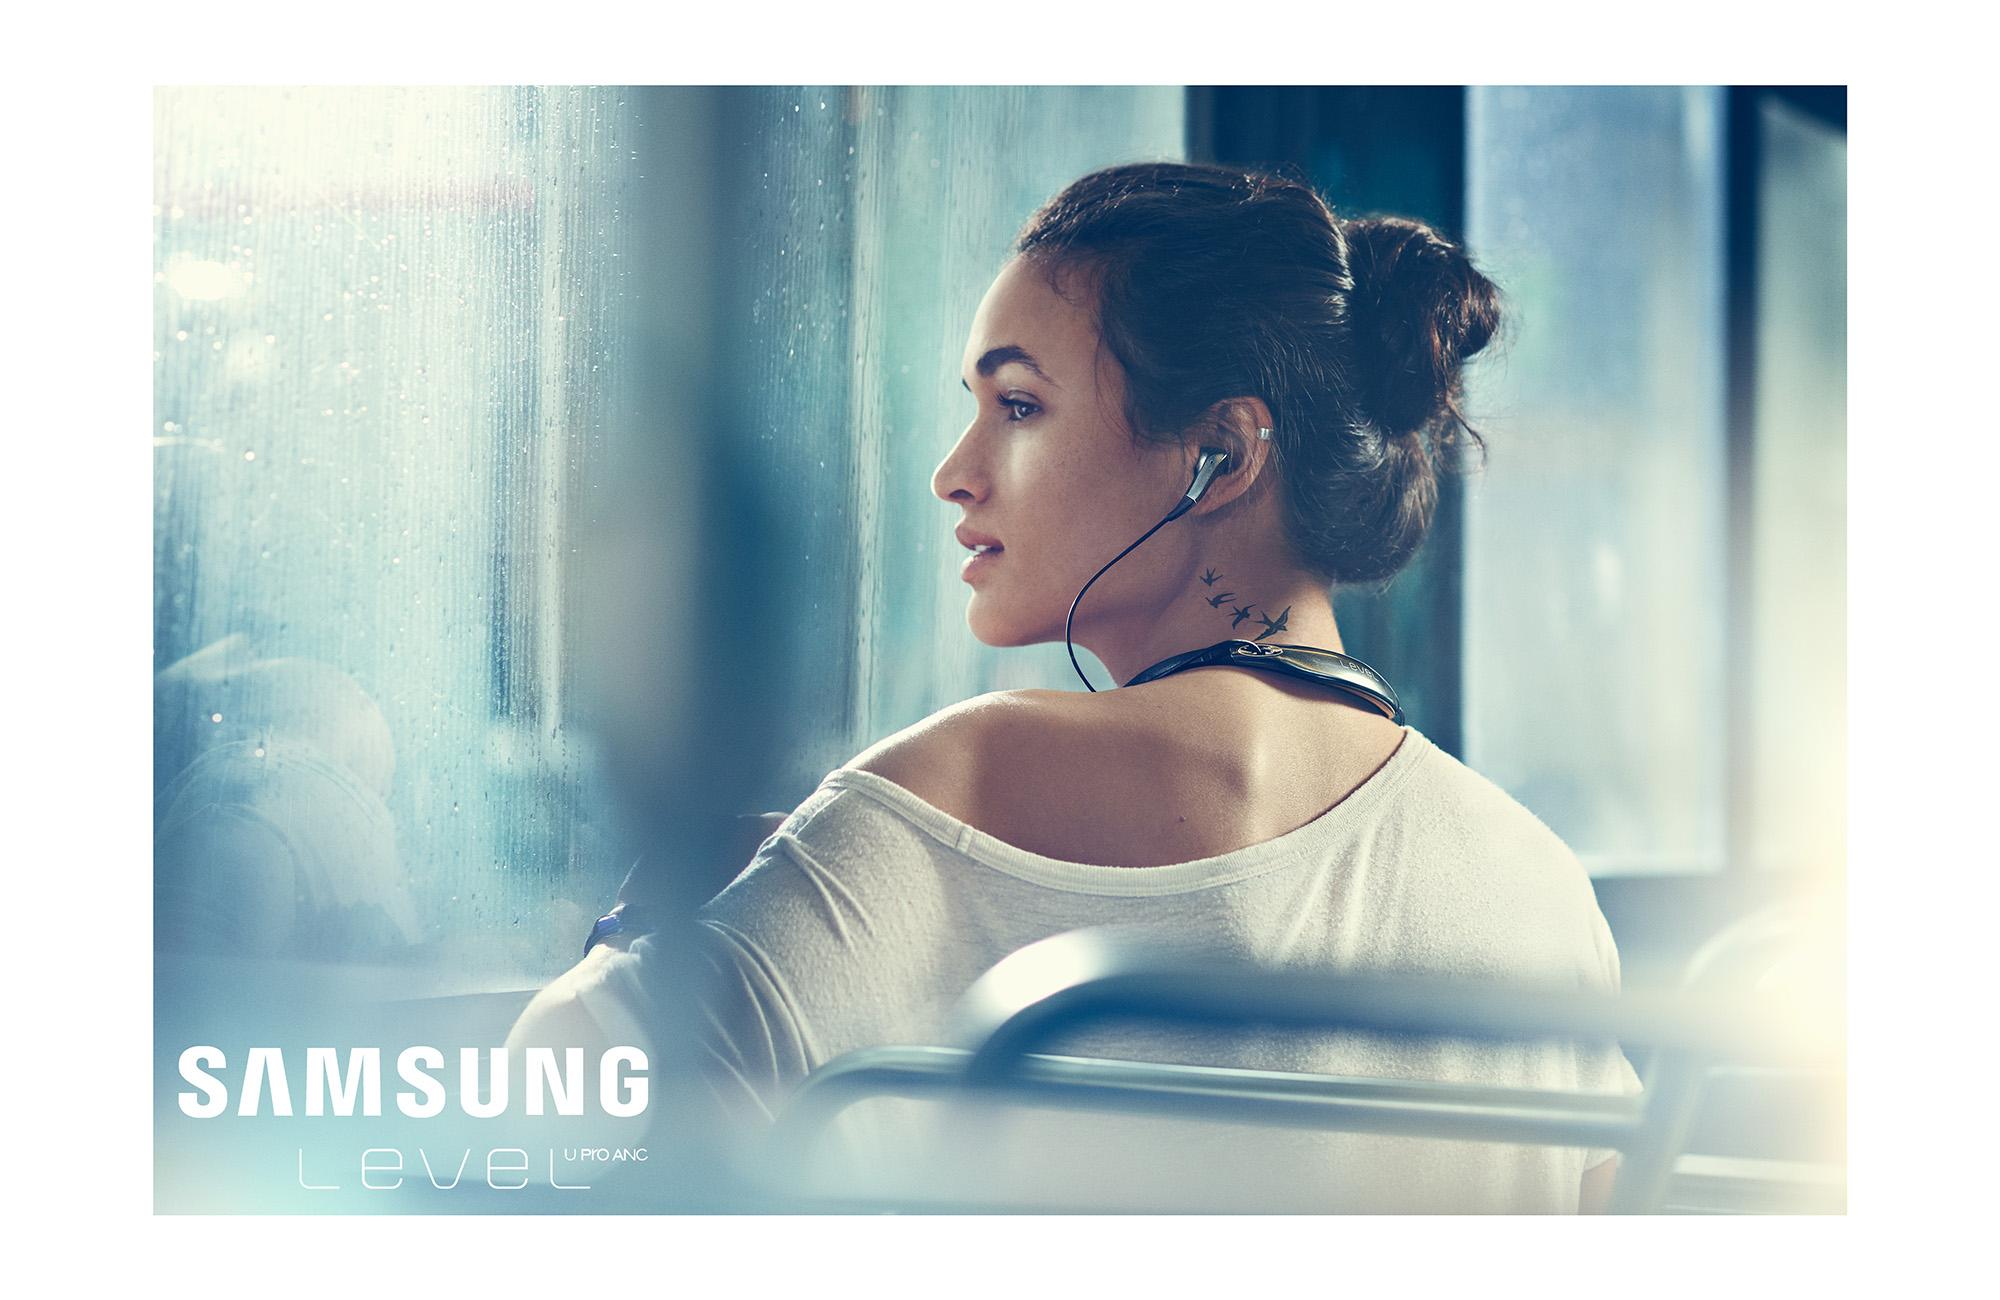 Samsung Upro - 5 of 5